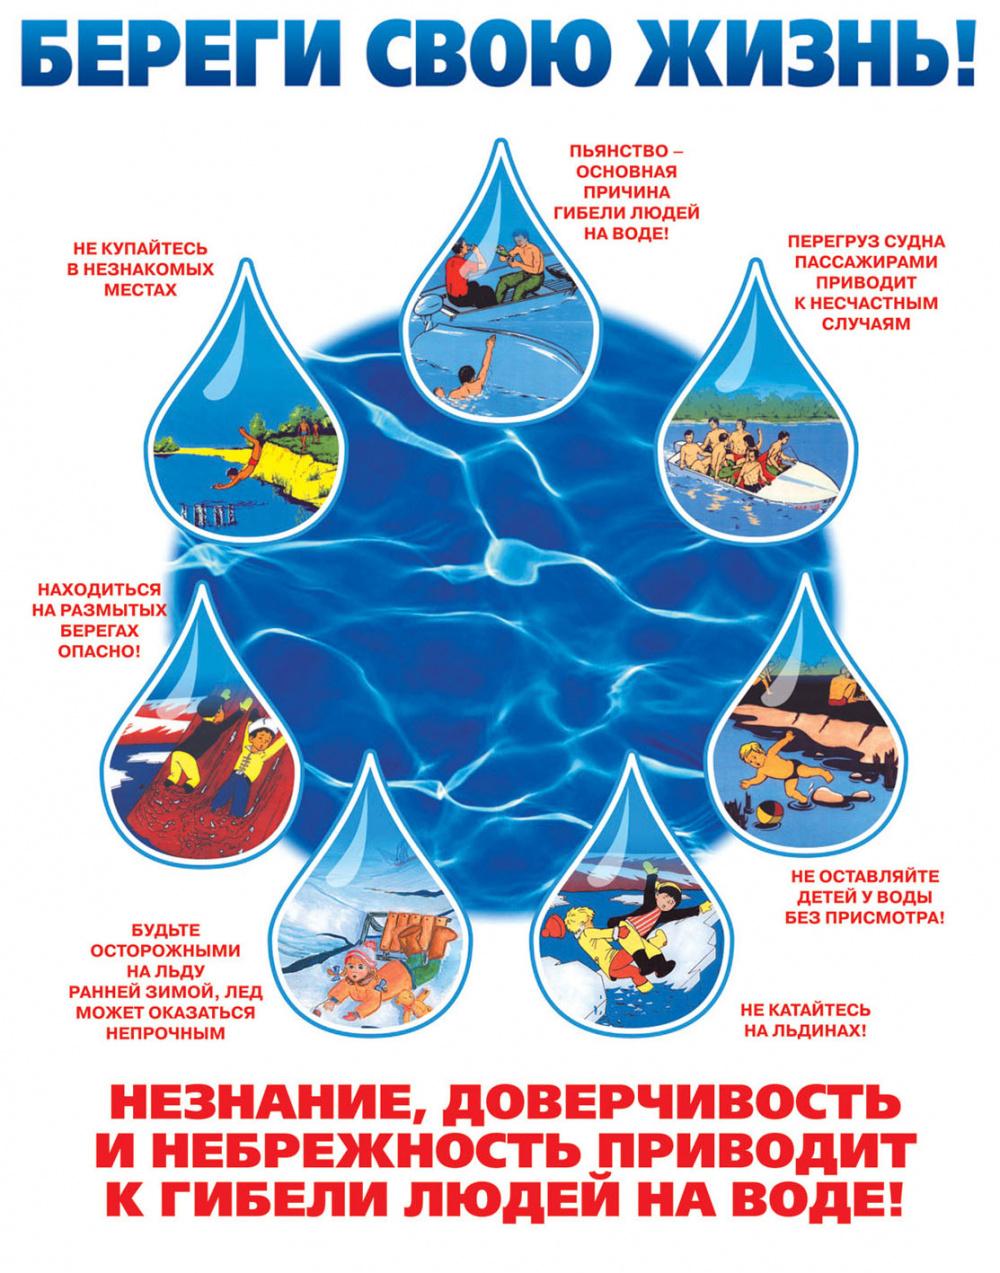 Безопасность на водоёмах в летний период